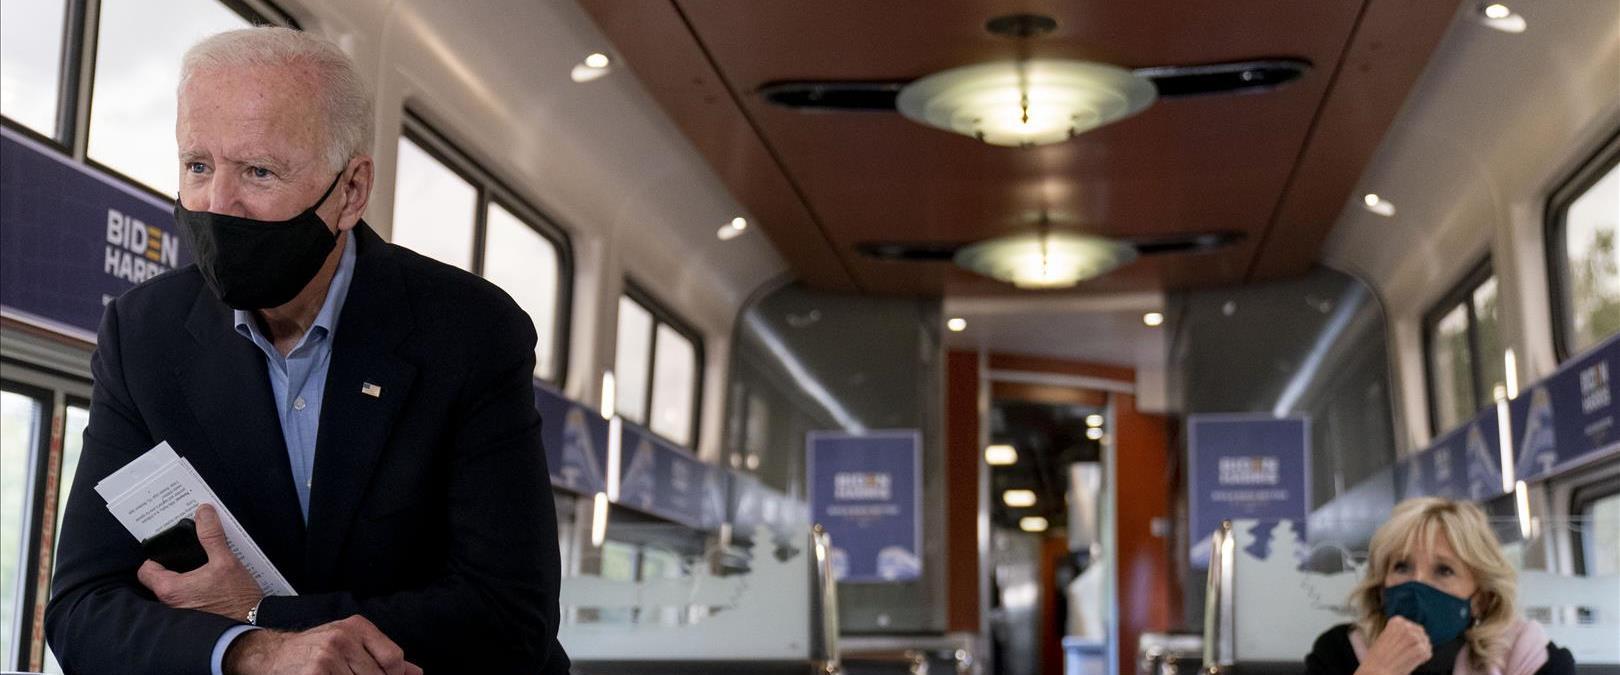 ג'ו ביידן ורעייתו בנסיעה על רכבת של חברת אמטרק